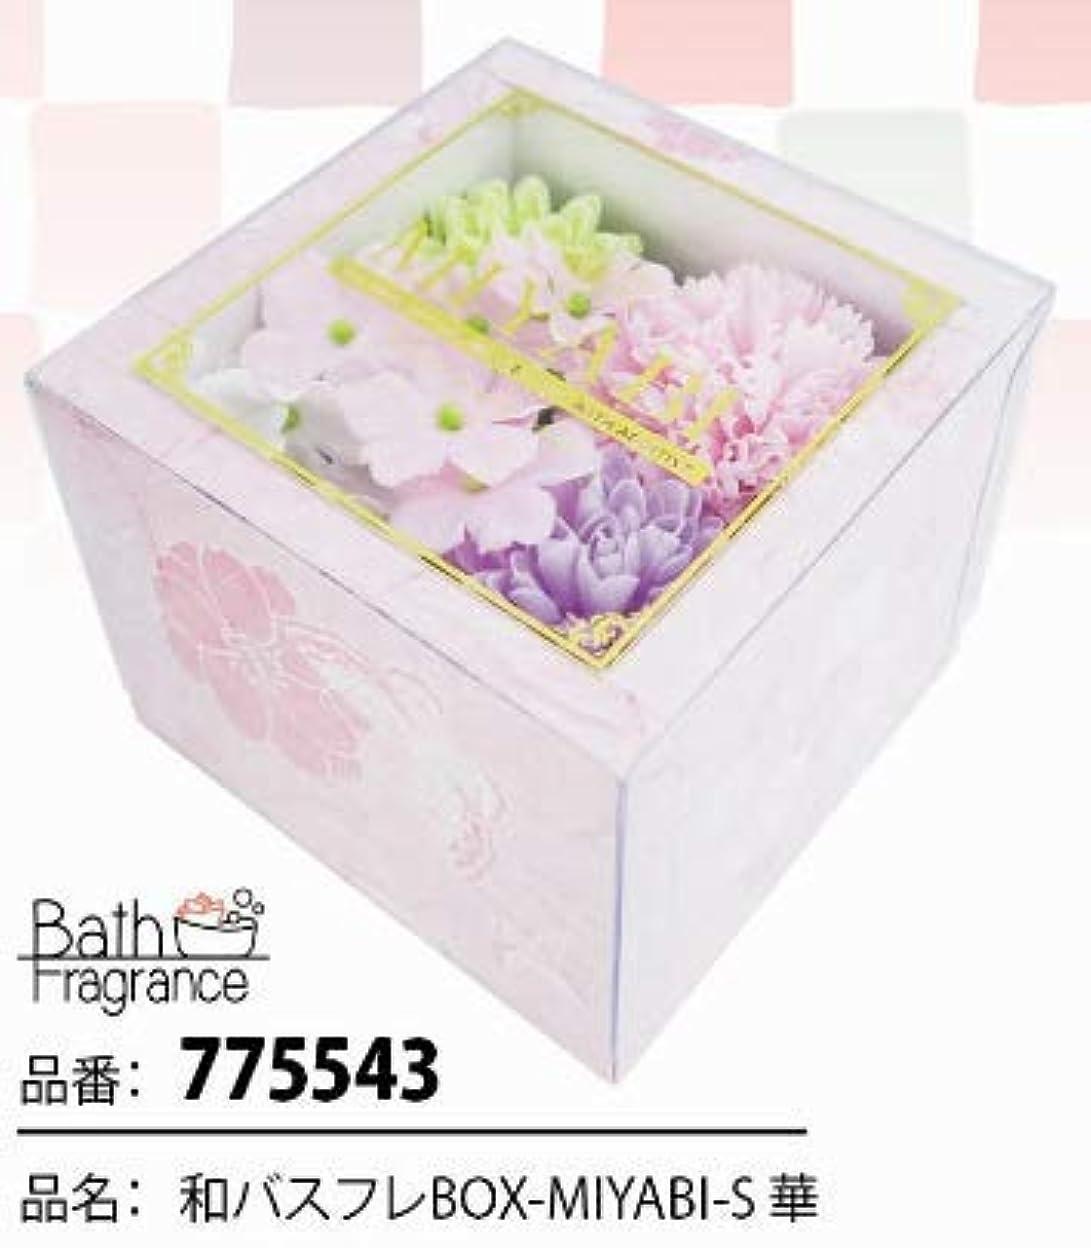 ウェブアクセント予想する花のカタチの入浴剤 和バスフレBOX-MIYABI-S華 775543